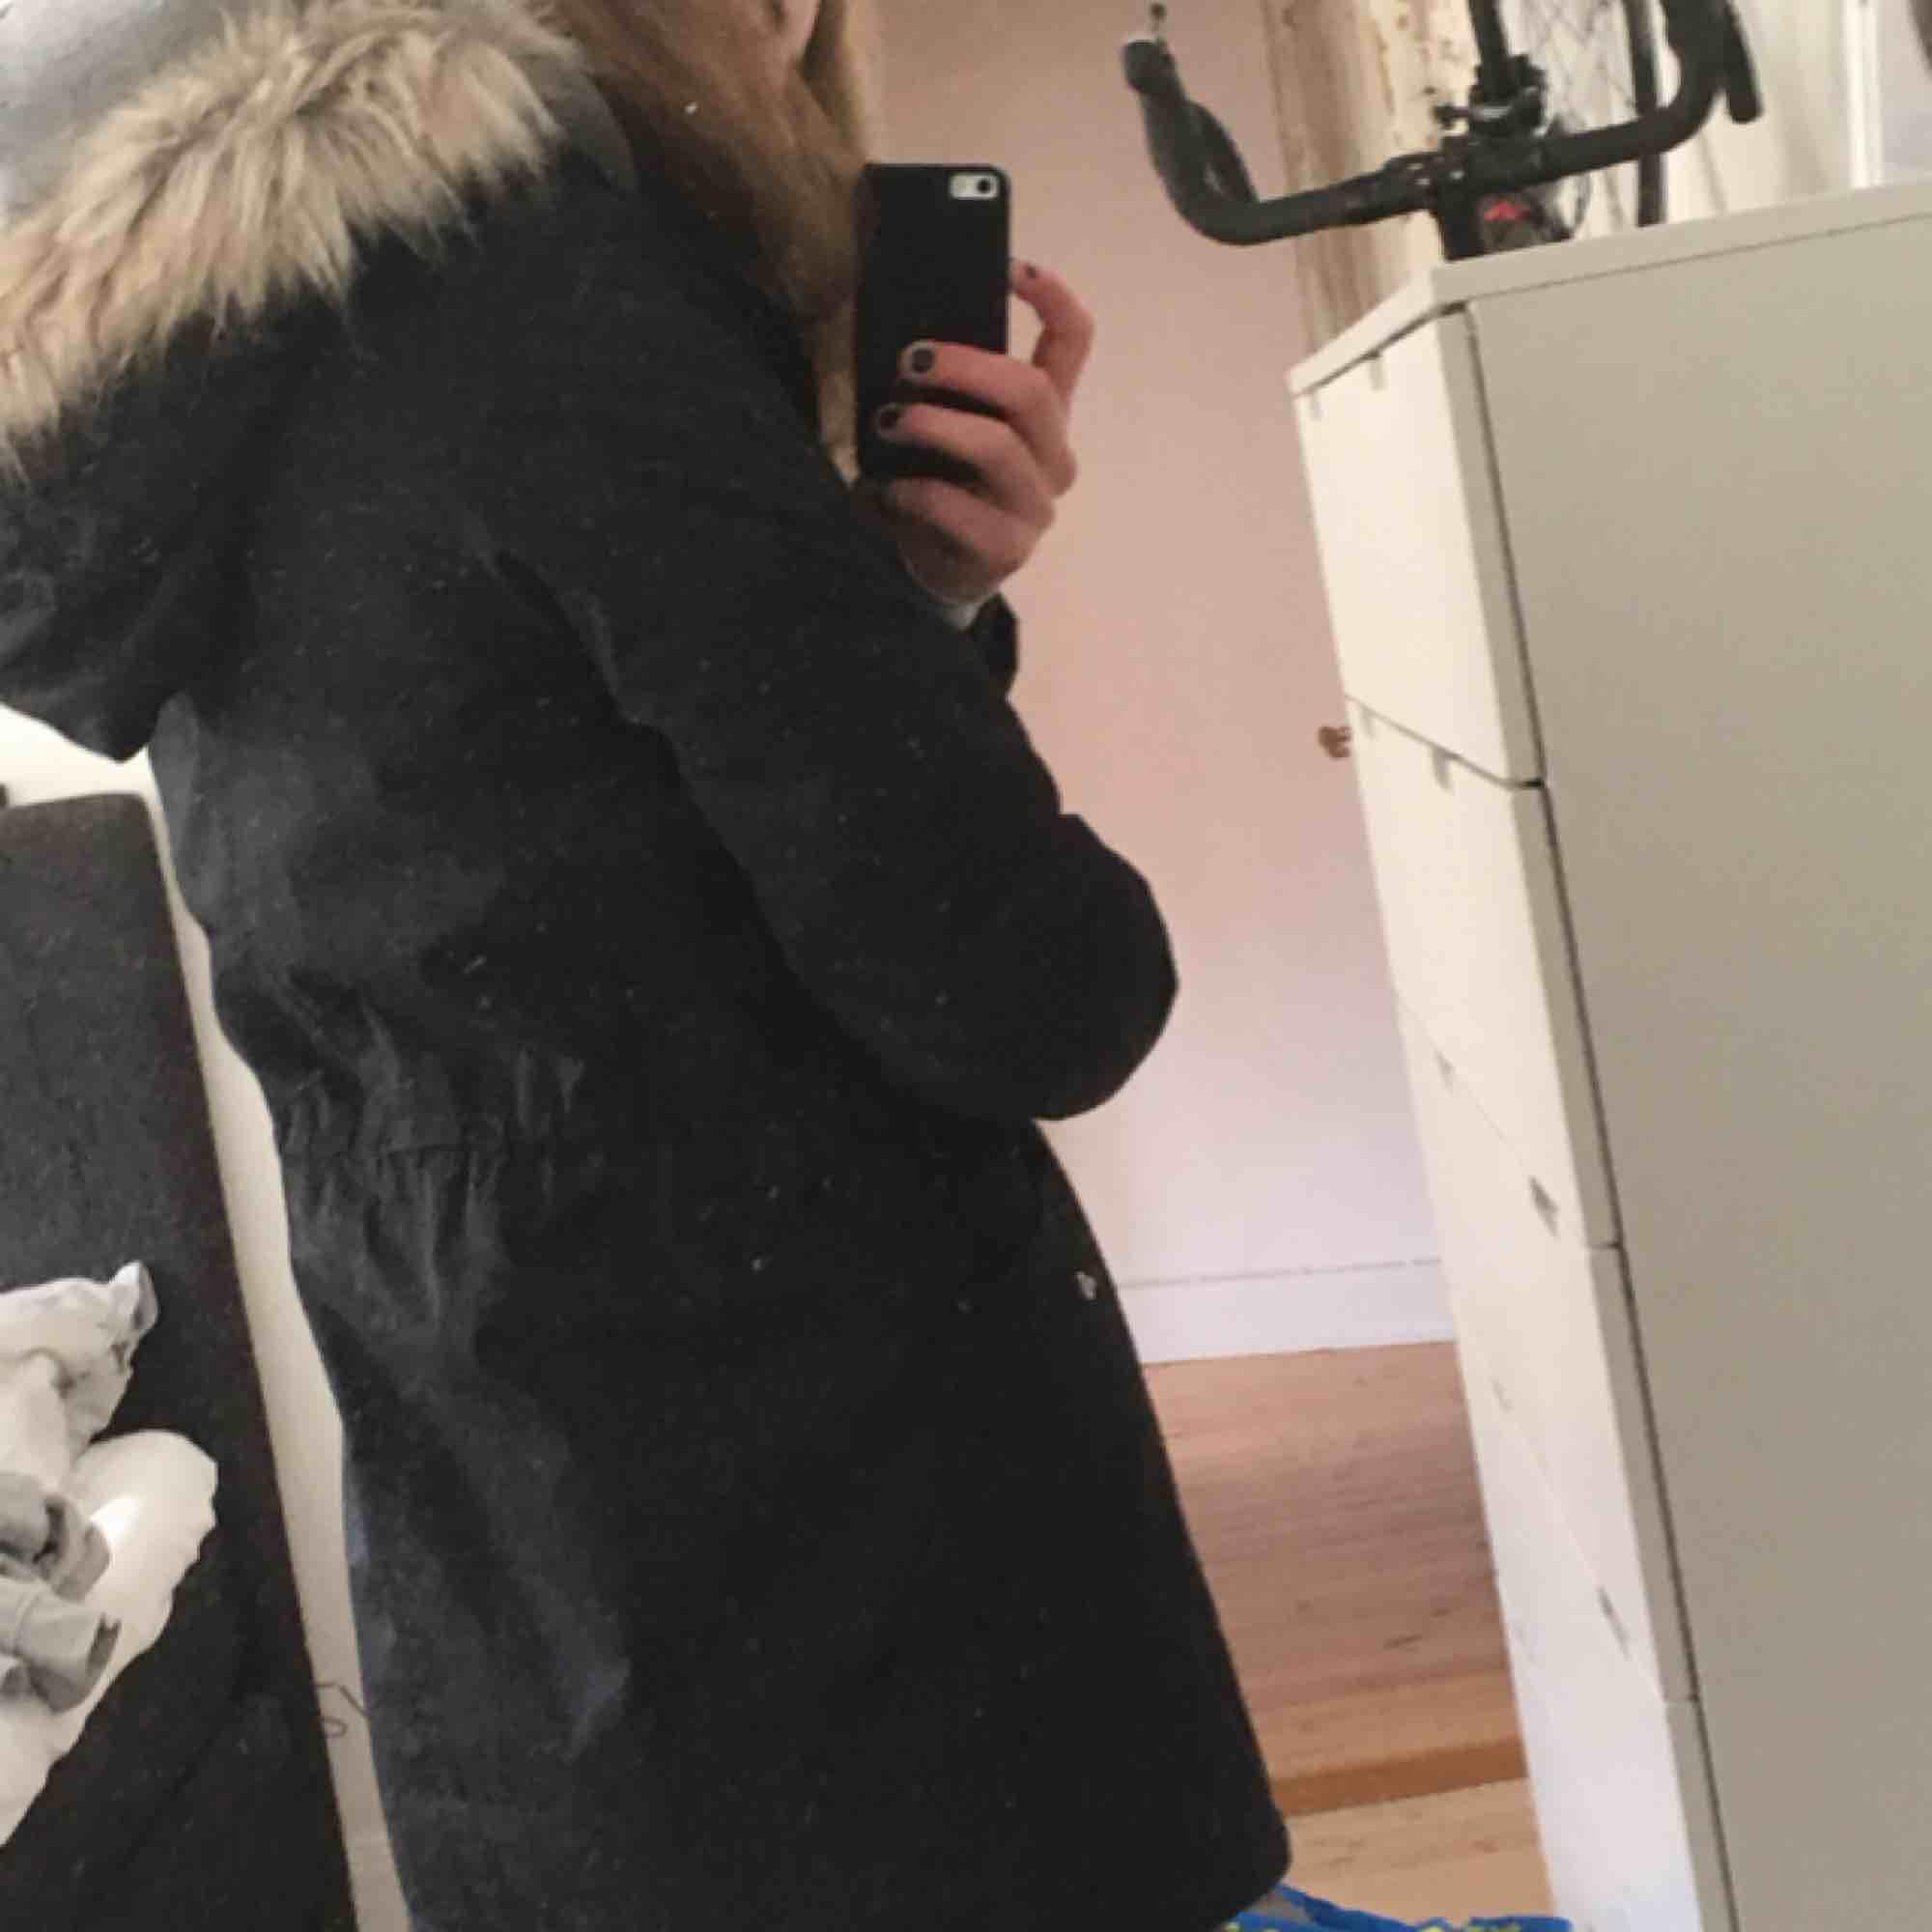 Säljer nu min svarta favvo jacka från Bondelid. Har ingen användning av den och då kan lika gärna nån annan få glädjas av den! Köpt för ca 2499kr förra vintern och använd varsamt sedan dess! Kan mötas i Sthlm eller frakta! ❤️🥰🍒🤩. Jackor.